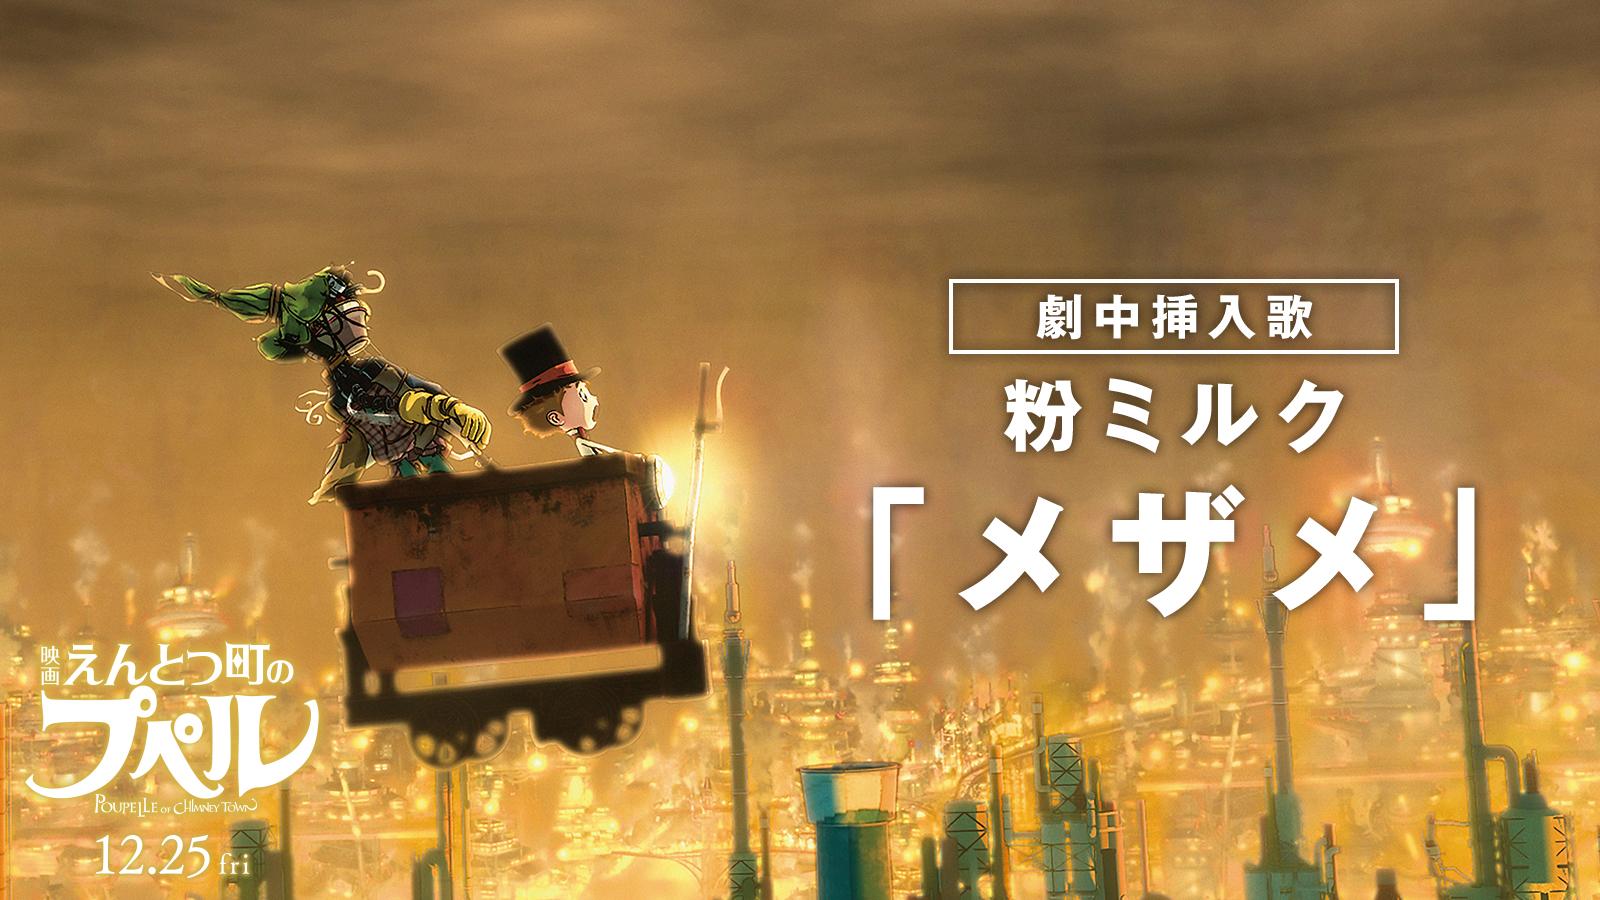 粉ミルク、初のオリジナル楽曲「メザメ」が映画「えんとつ町のプペル」挿入歌に決定!!